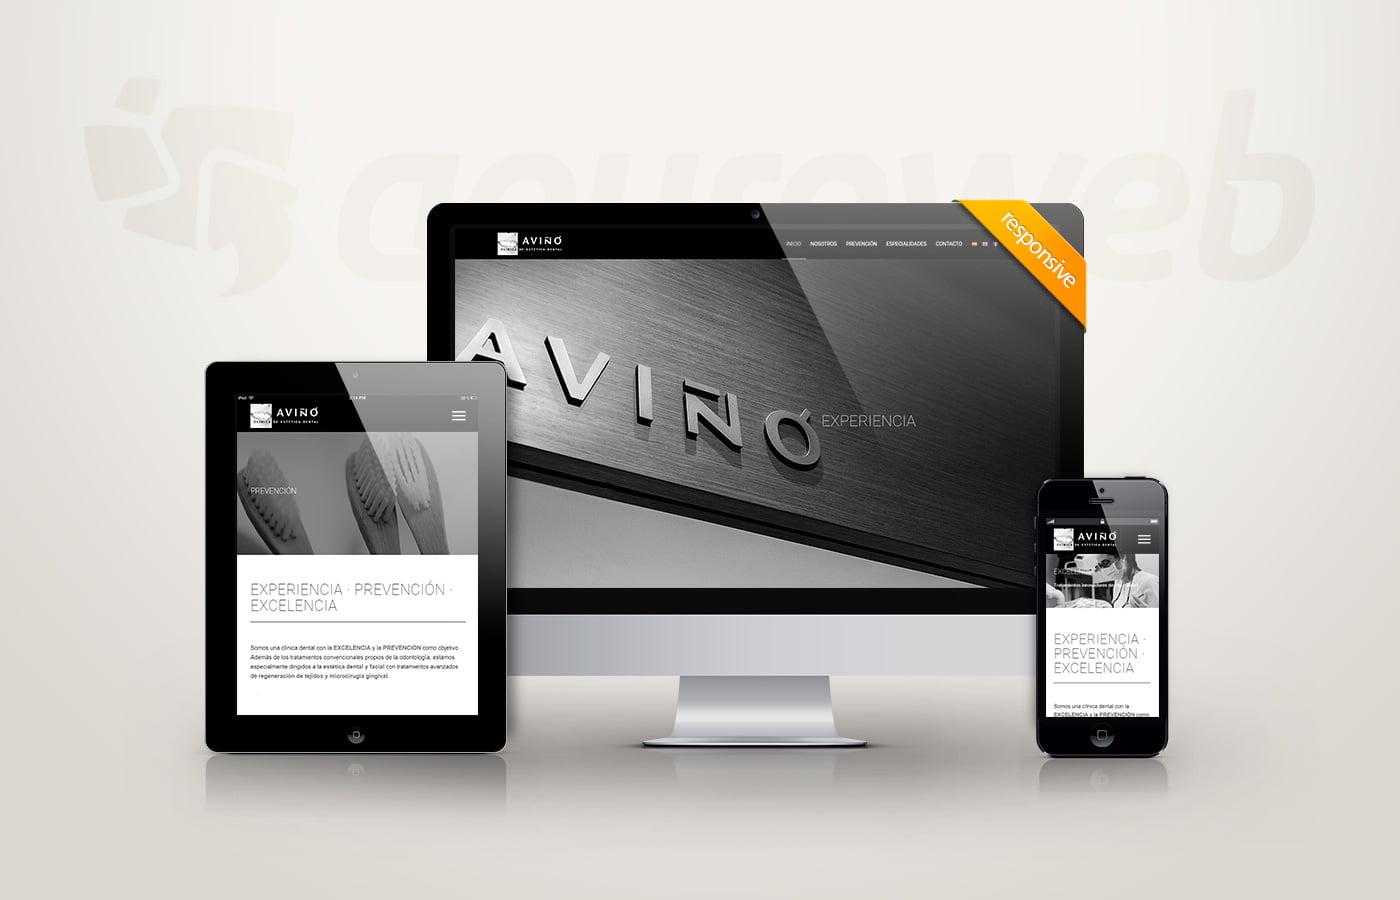 diseño web aviño